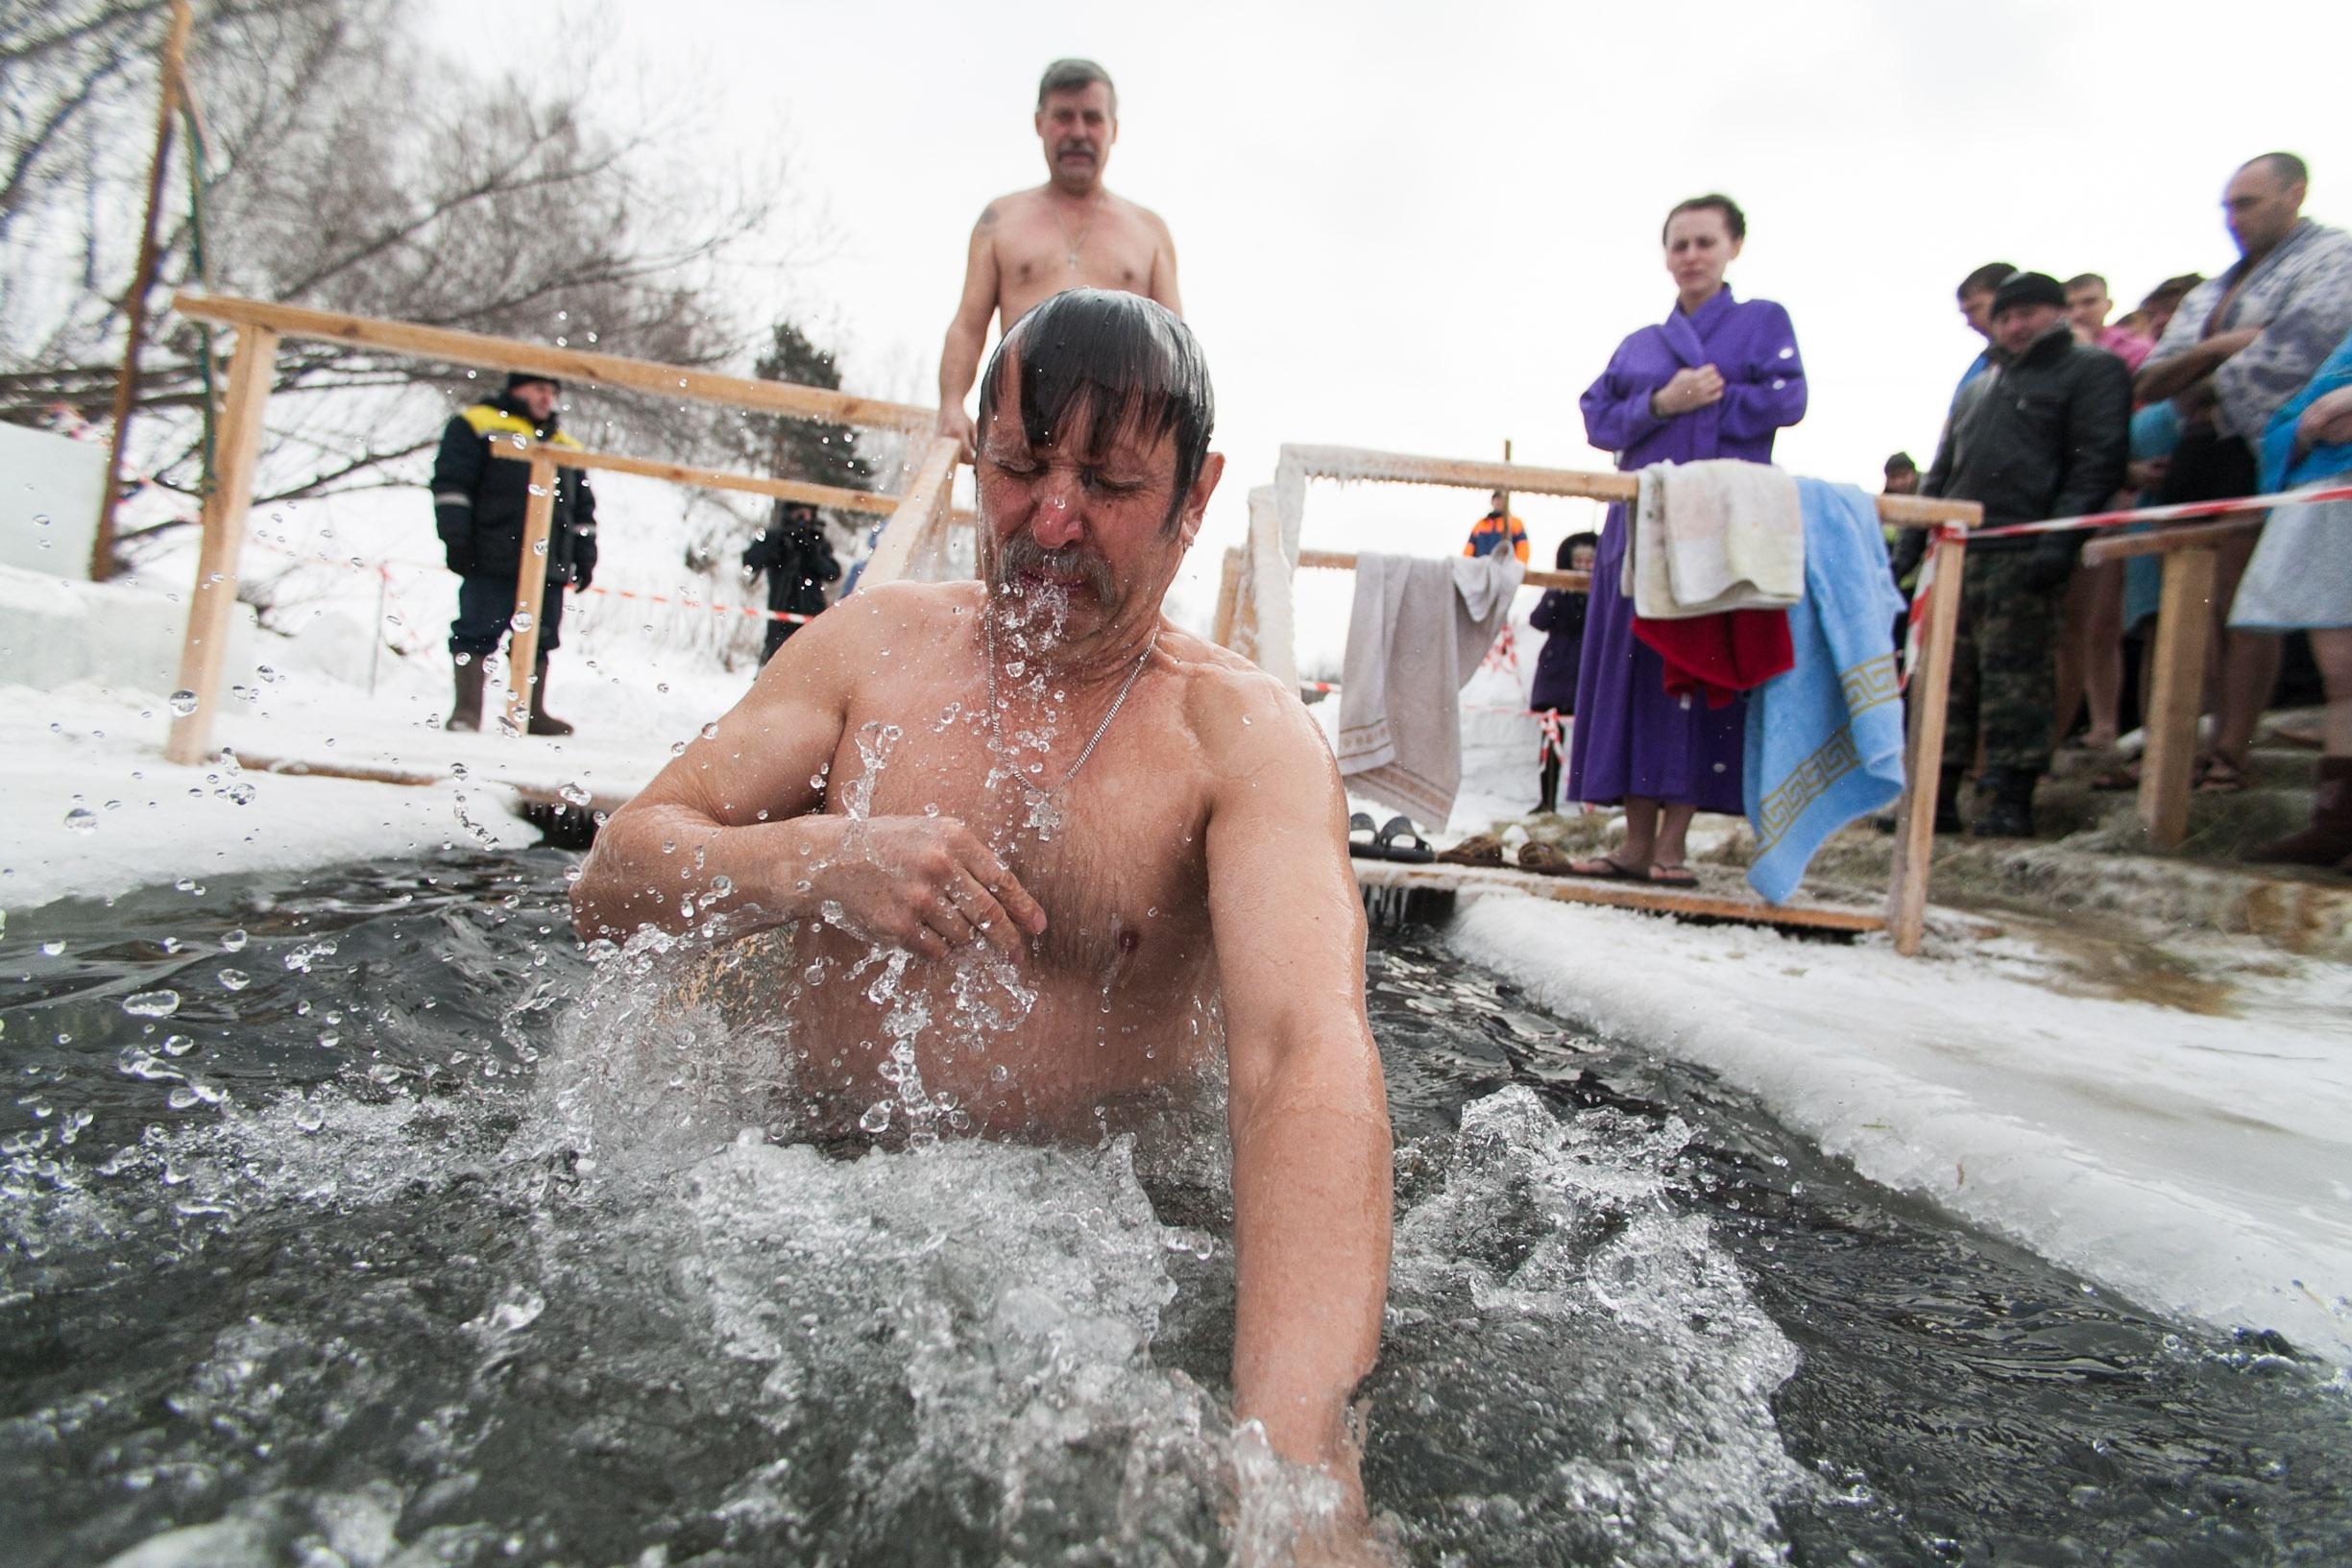 kreshchenie-2017-kak-pravilno-kupatsja-v-prorubi-i-gde-mozhno-iskupatsja-v-kieve-1